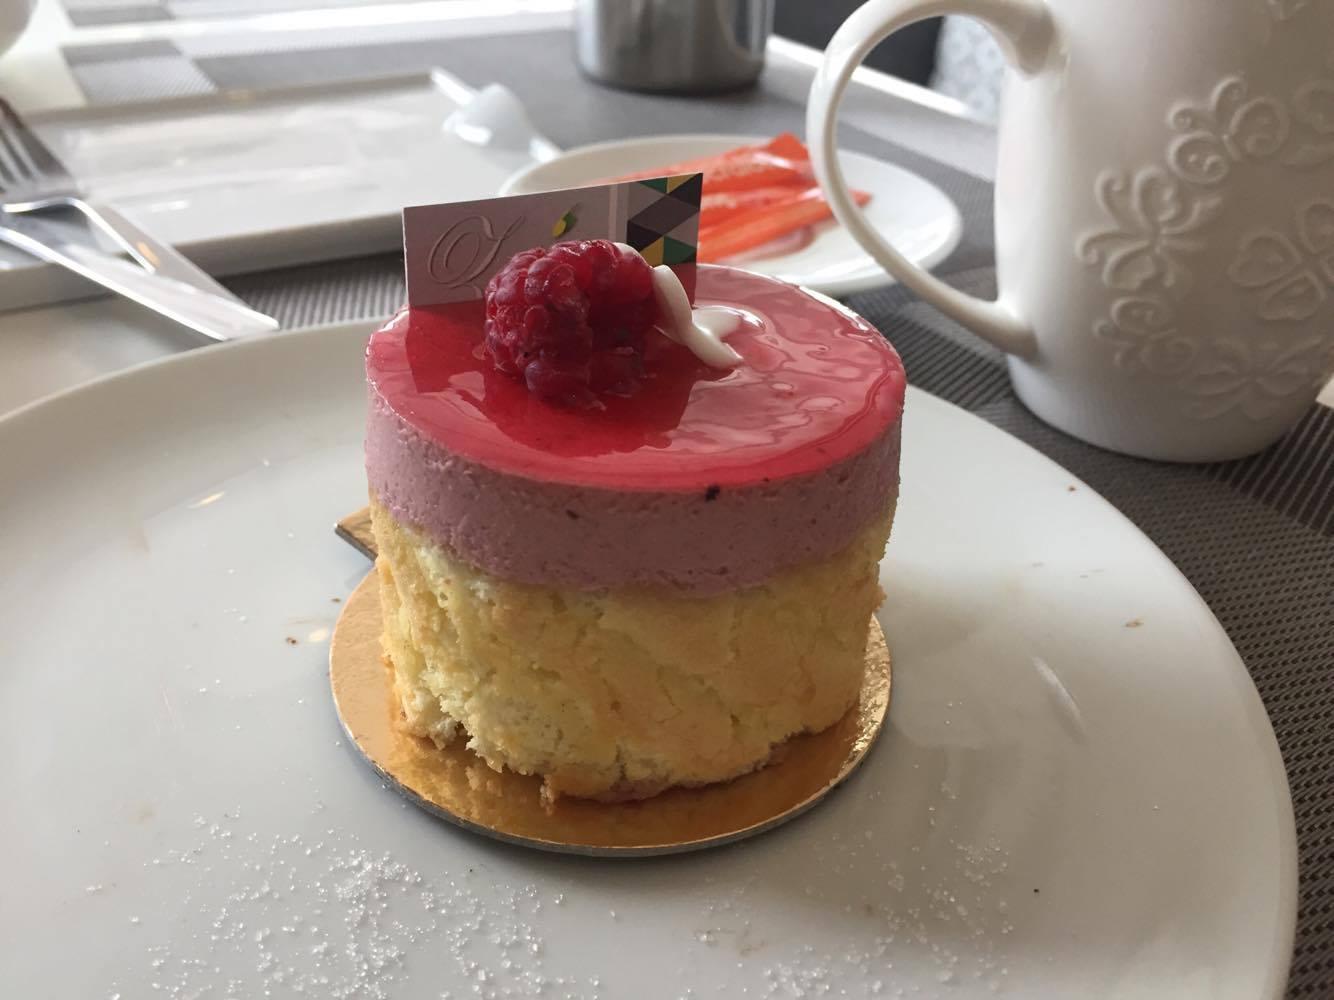 Du bonheur à Zes't, food, foodie, blog, blogger, serialfoodie, critique de restaurants, abidjan, côte d'ivoire, charlotte framboise